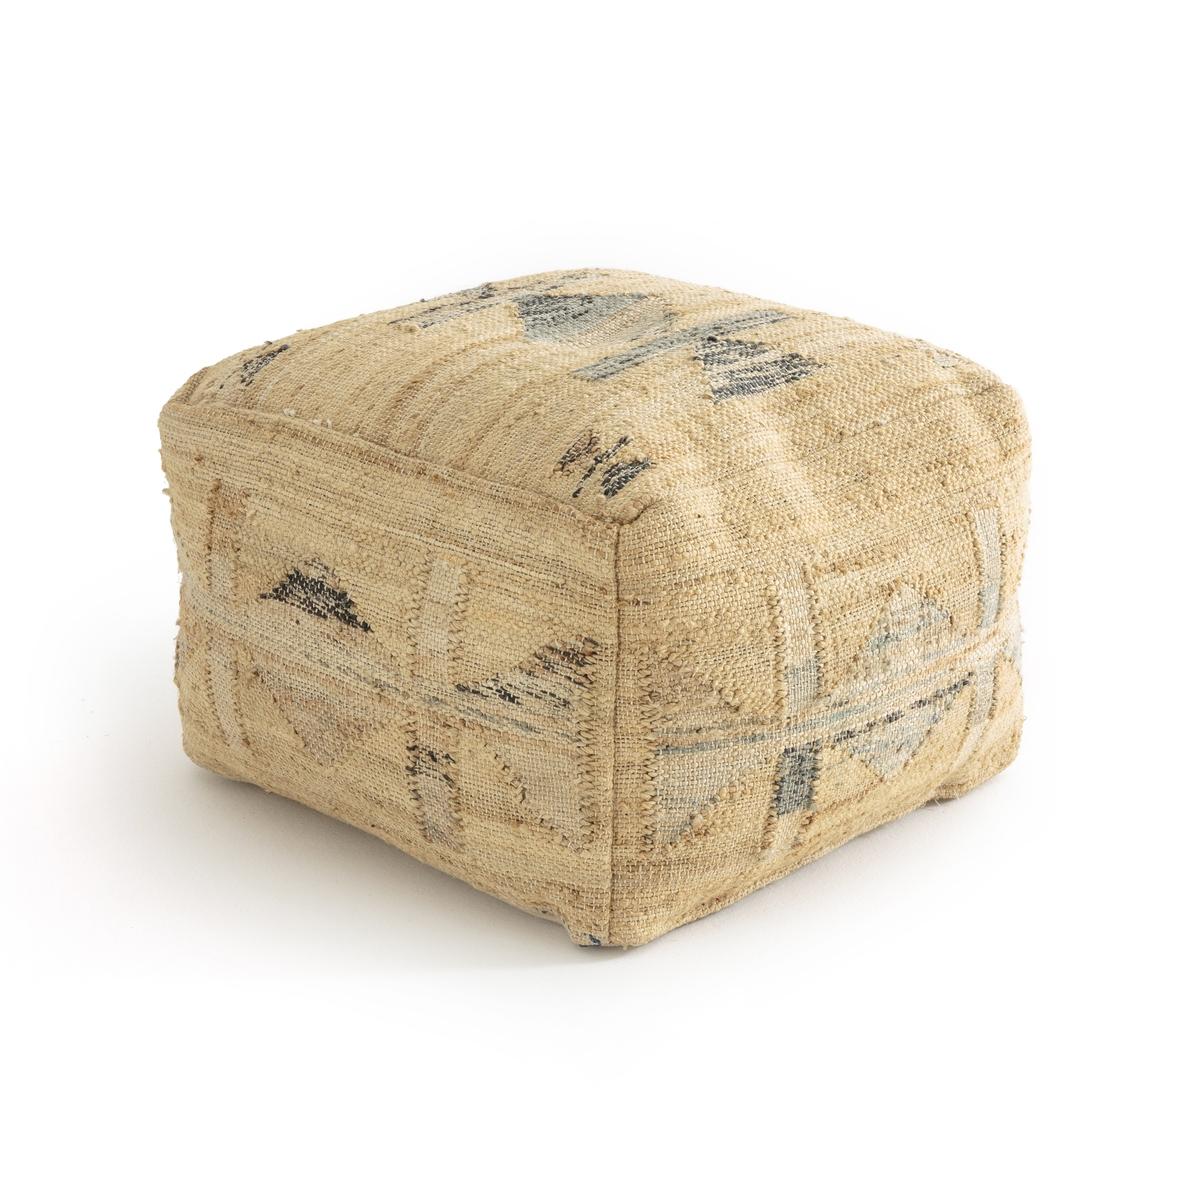 Пуф La Redoute Clemy единый размер бежевый комплект из полотенце для la redoute рук из хлопка и льна nipaly 50 x 100 см белый